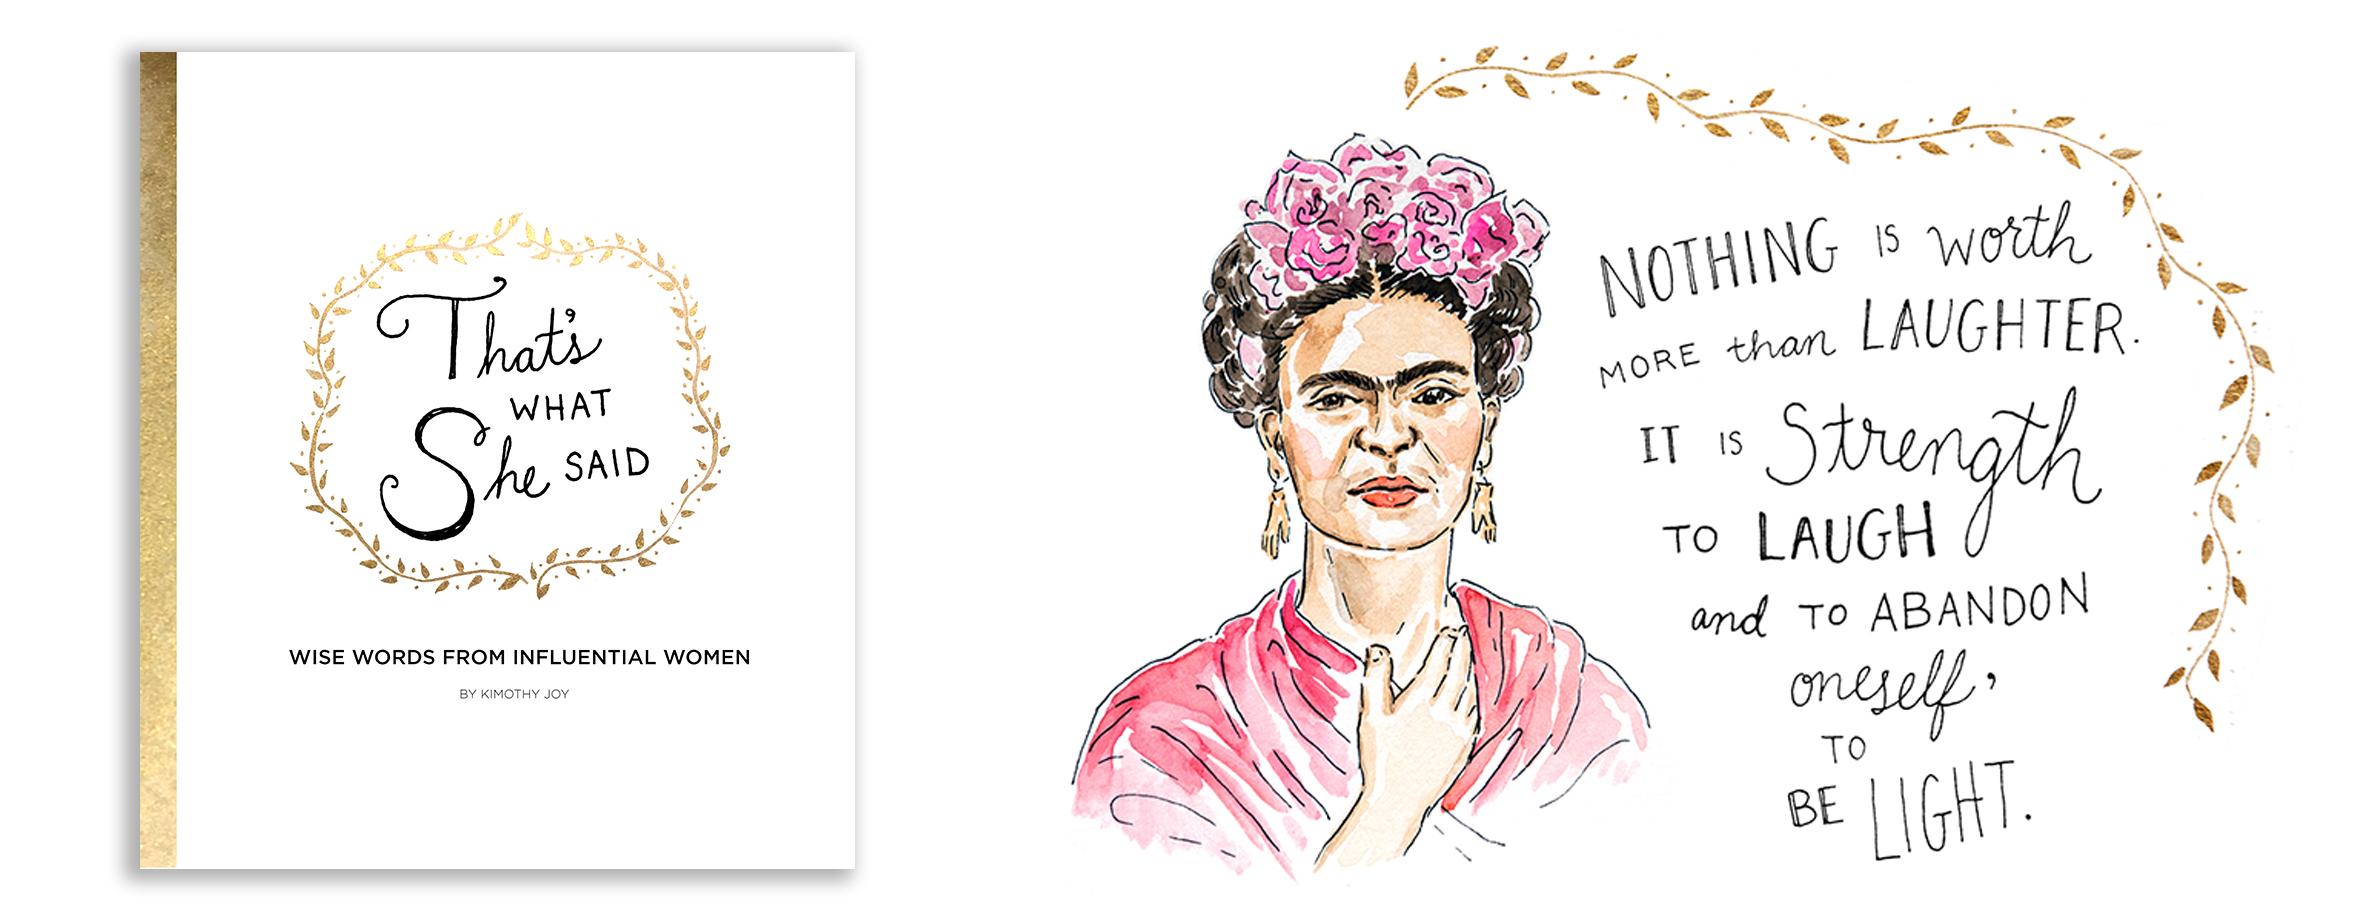 TWSS_BookWebsiteBanner_Nov2017_Frida.jpg